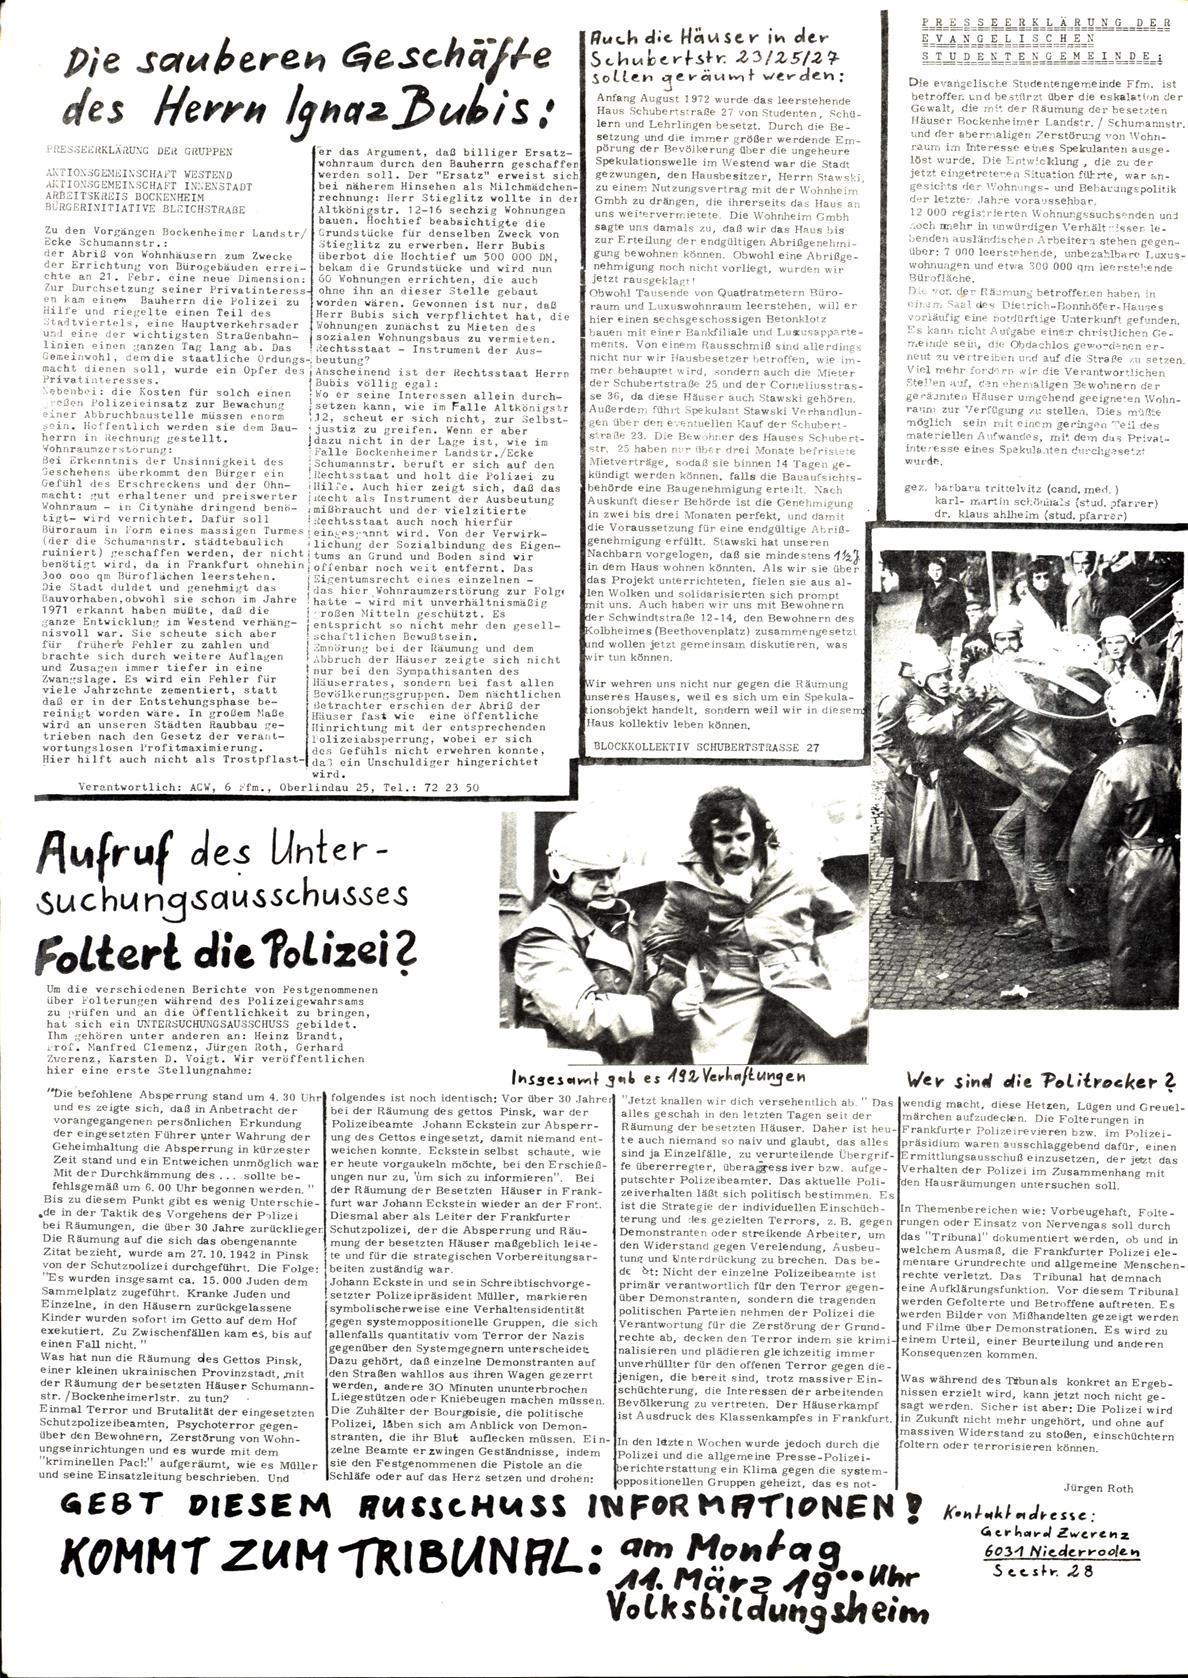 Frankfurt_Haeuserratszeitung_19740300_009_06